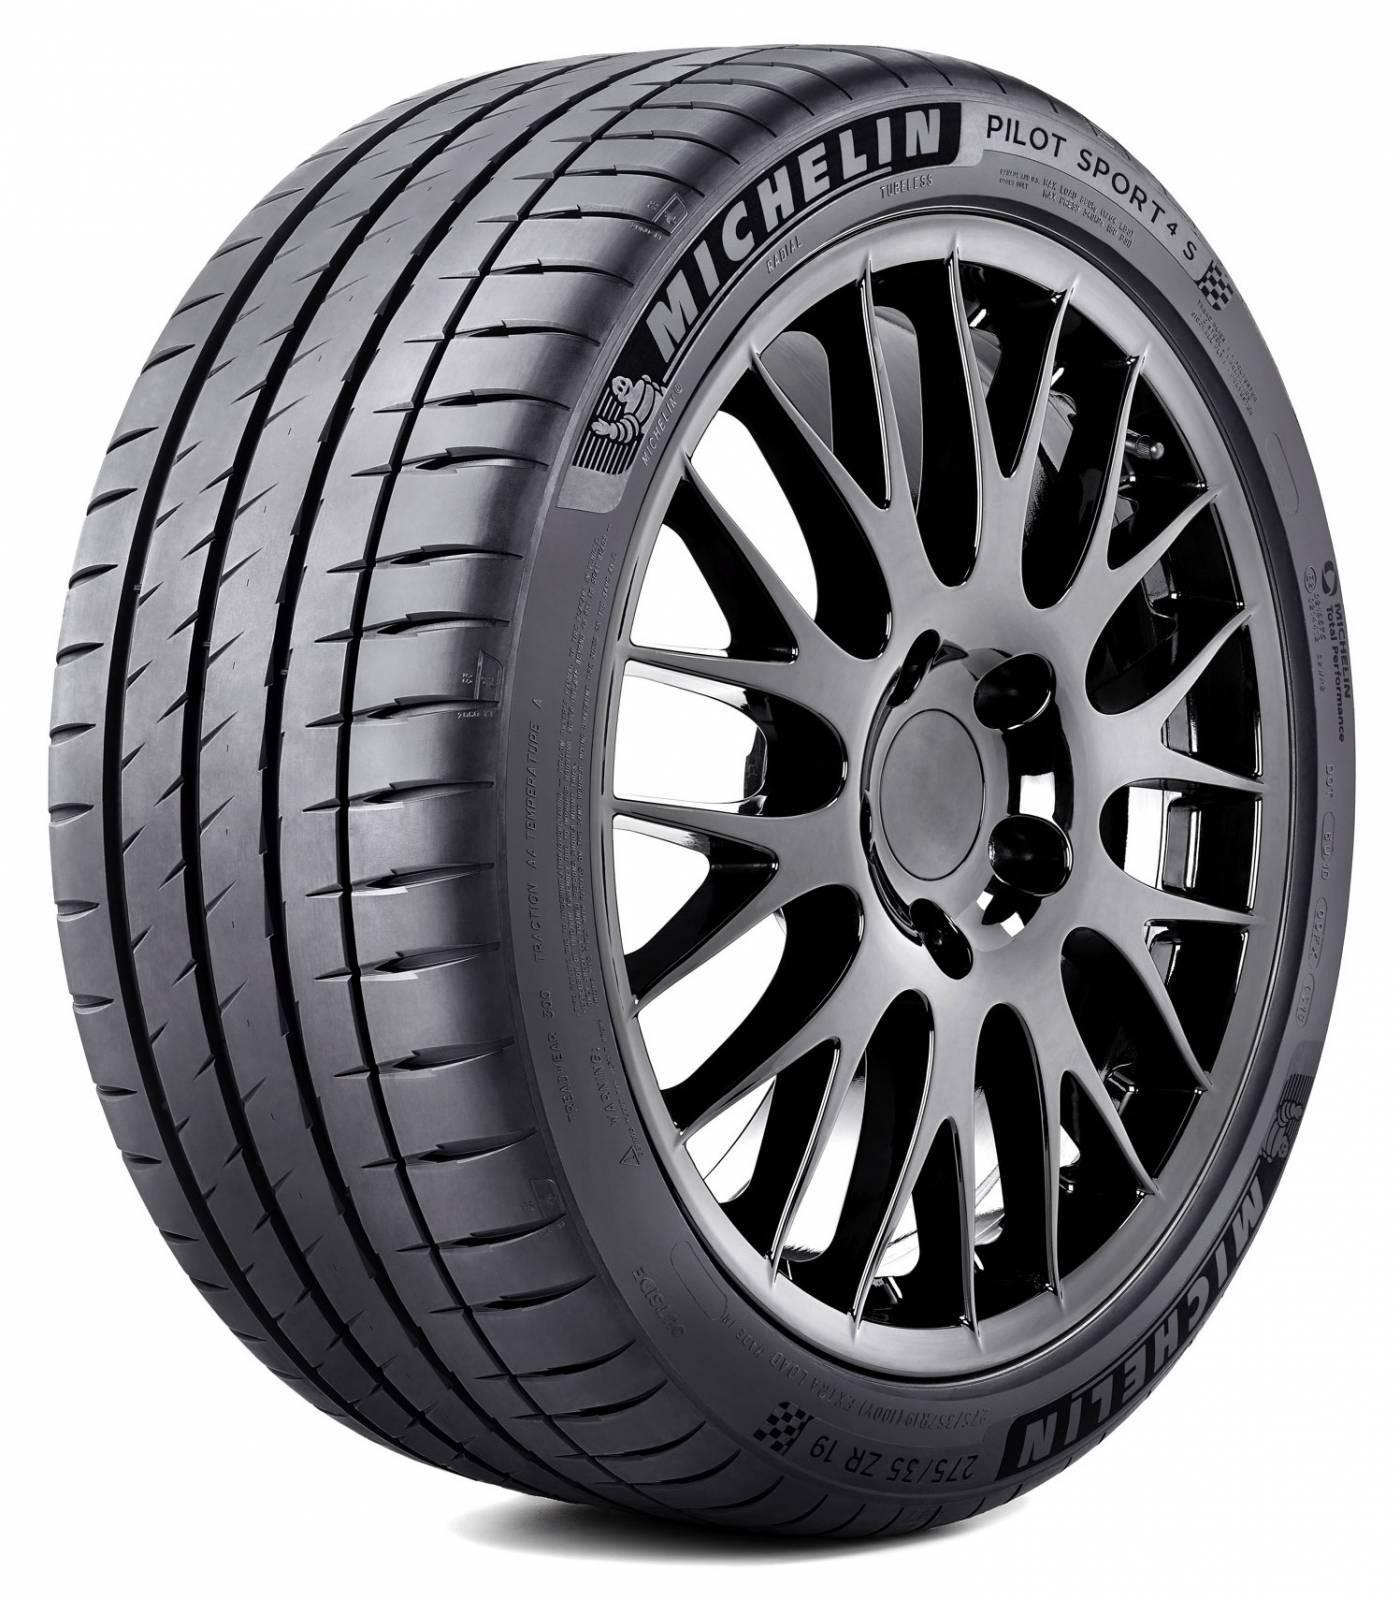 Pneu Michelin Pilot Sport 4 S 235/40 R19 96Y - ATS Pneus